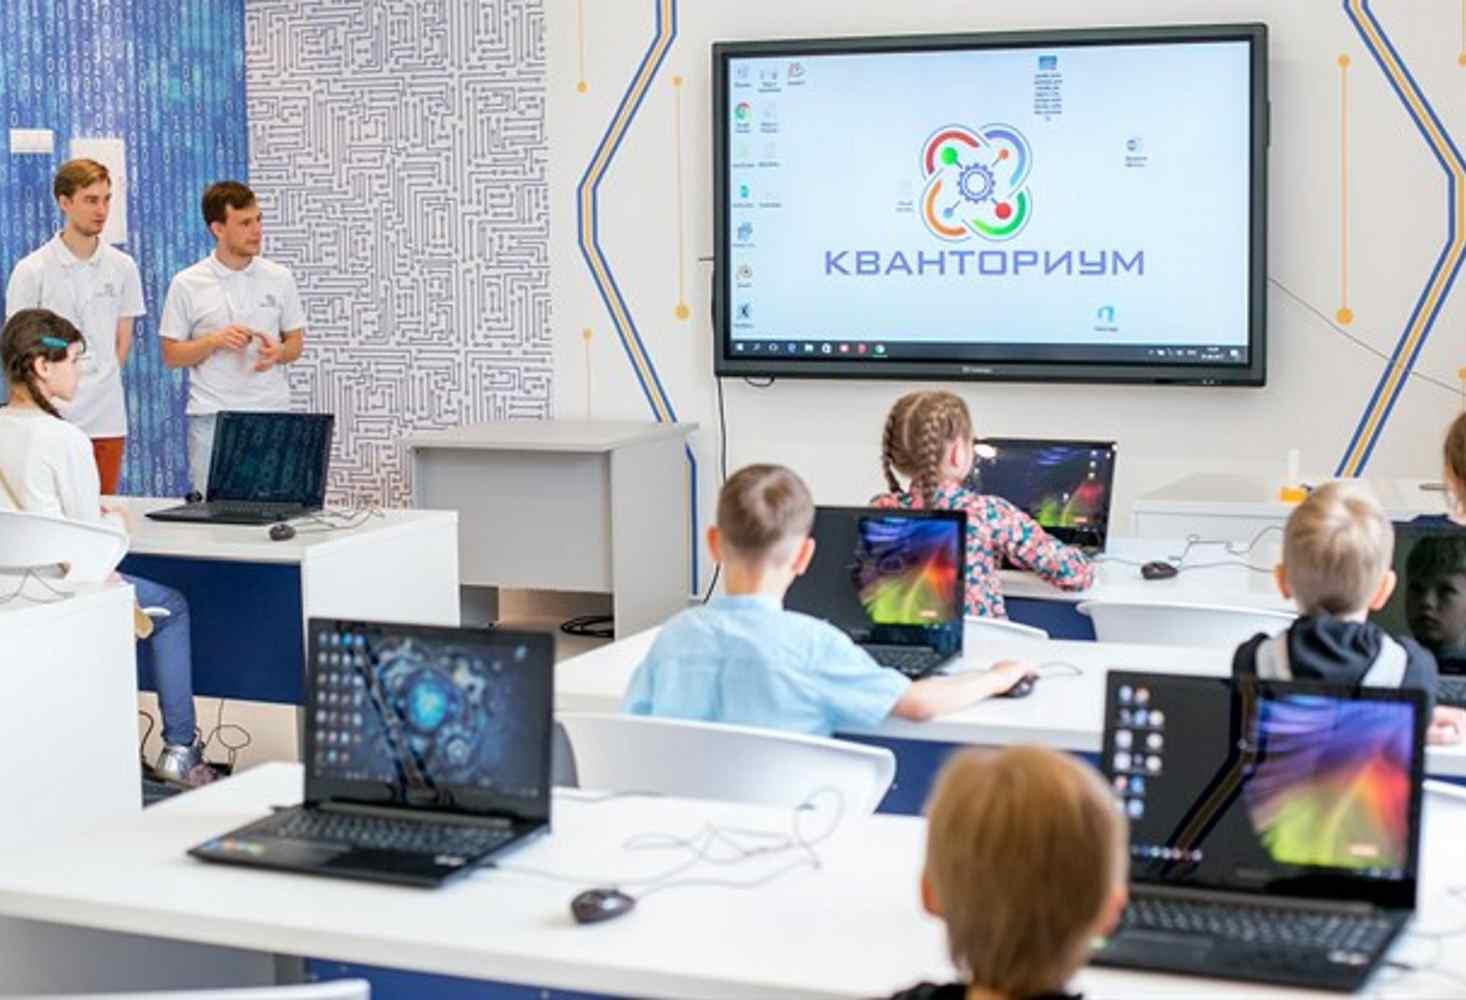 tehnoparki-kvantorium-poyavyatsya-v-kazhdom-rossijskom-gorode-k-2024-godu